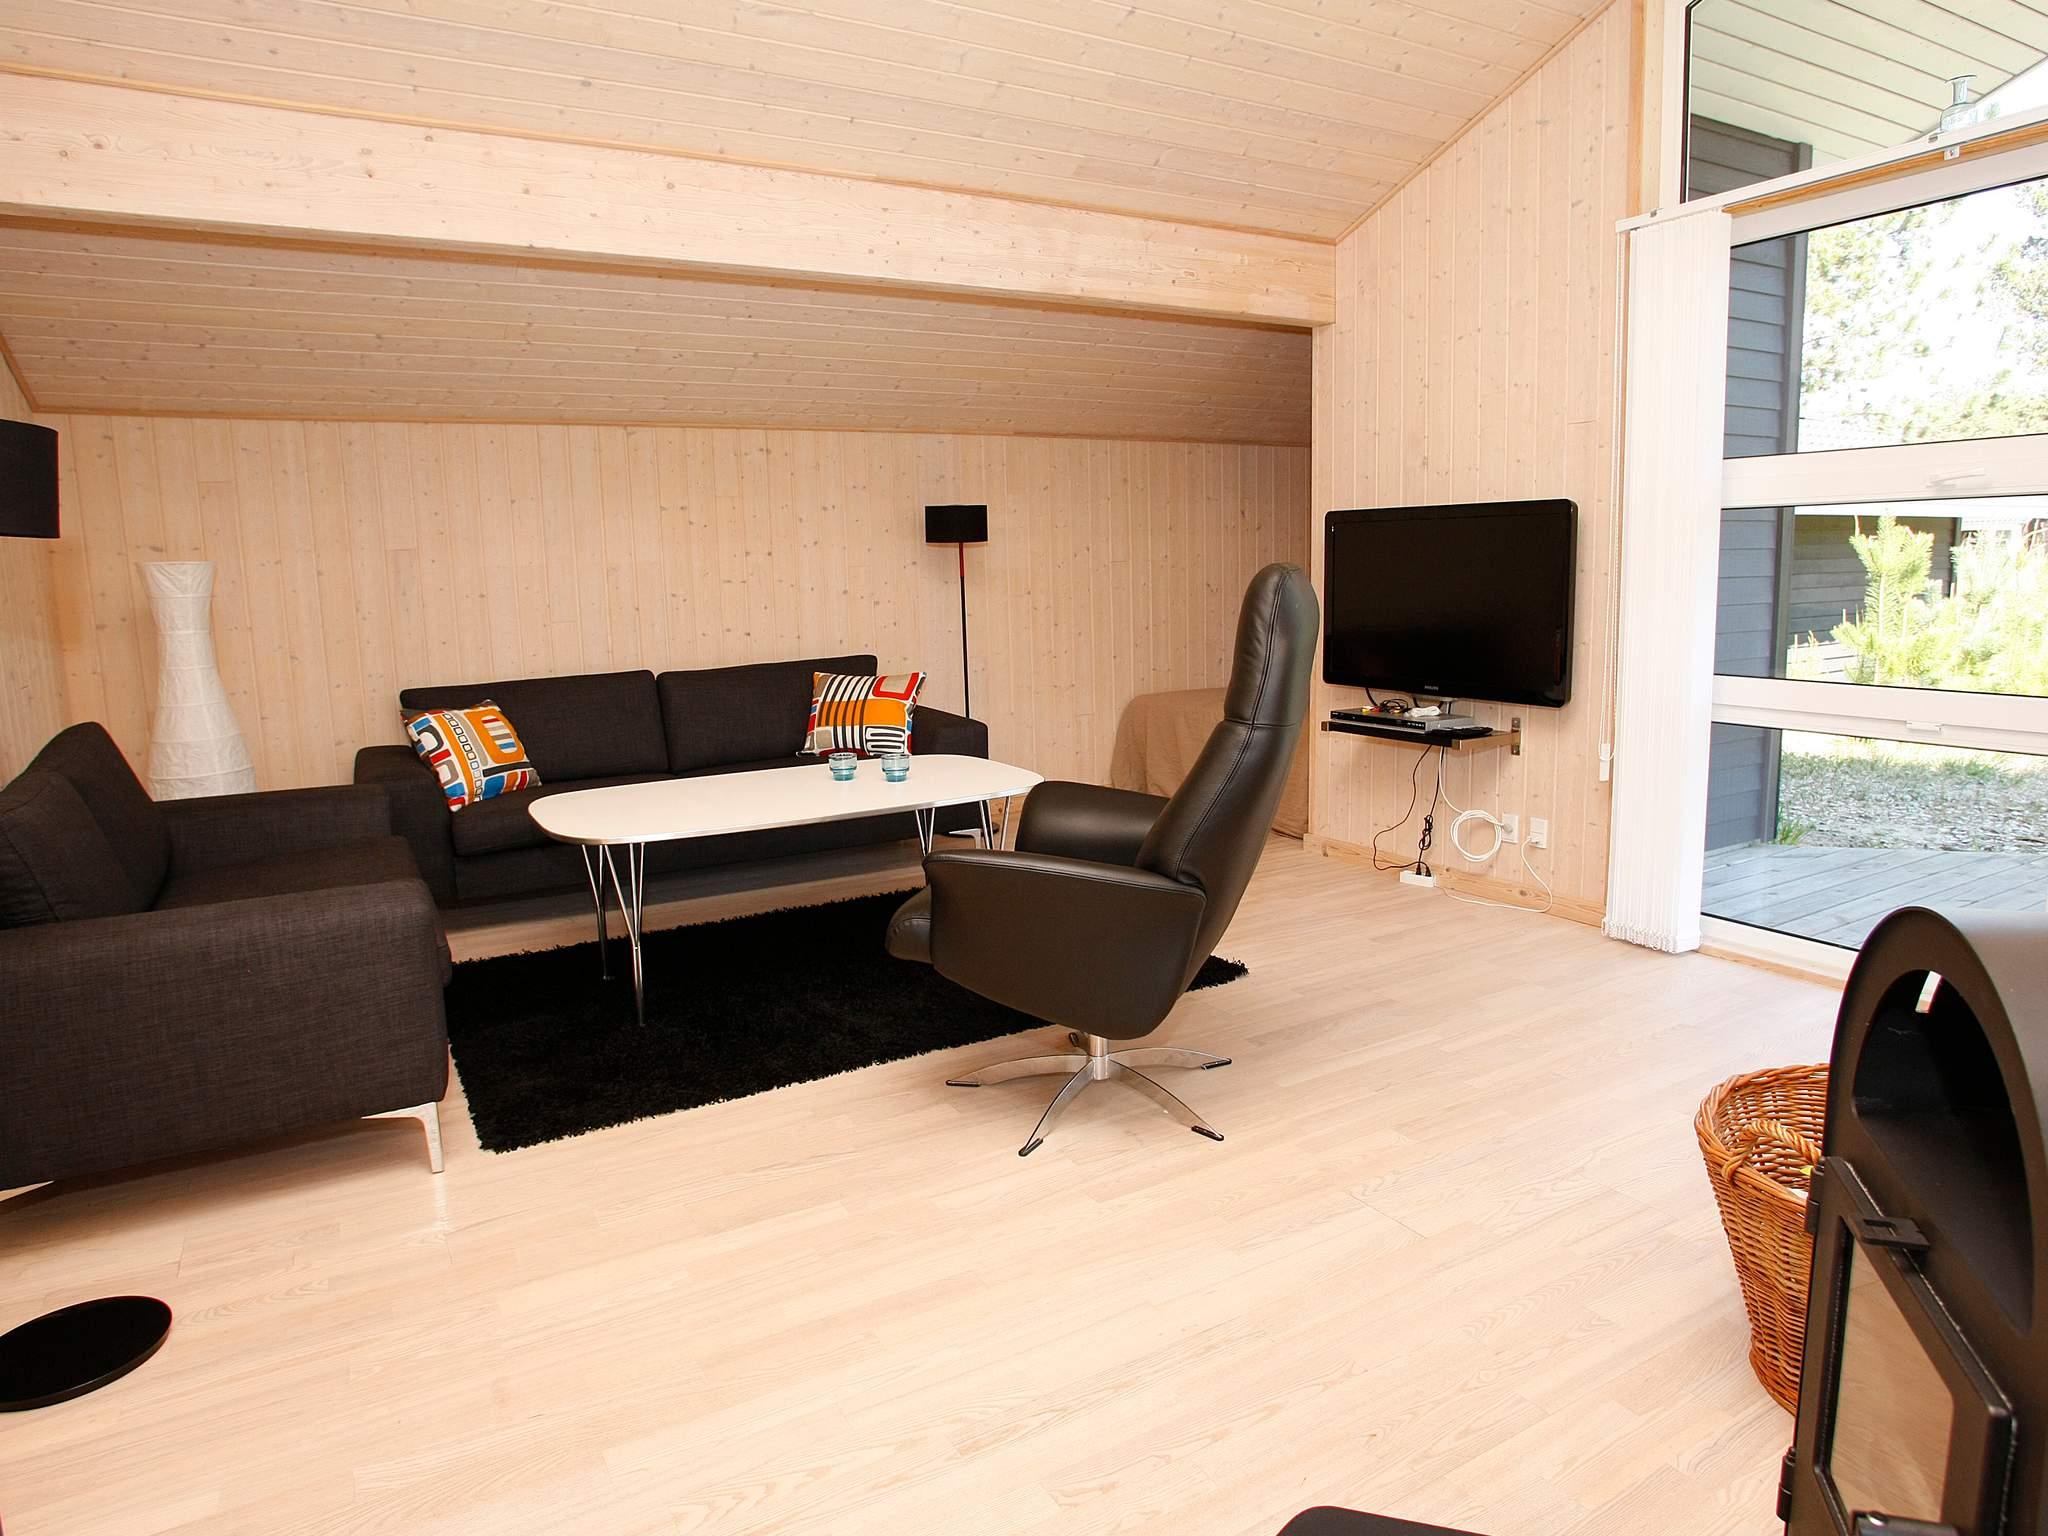 Ferienhaus Lodskovvad (359066), Lodskovvad, , Nordostjütland, Dänemark, Bild 3